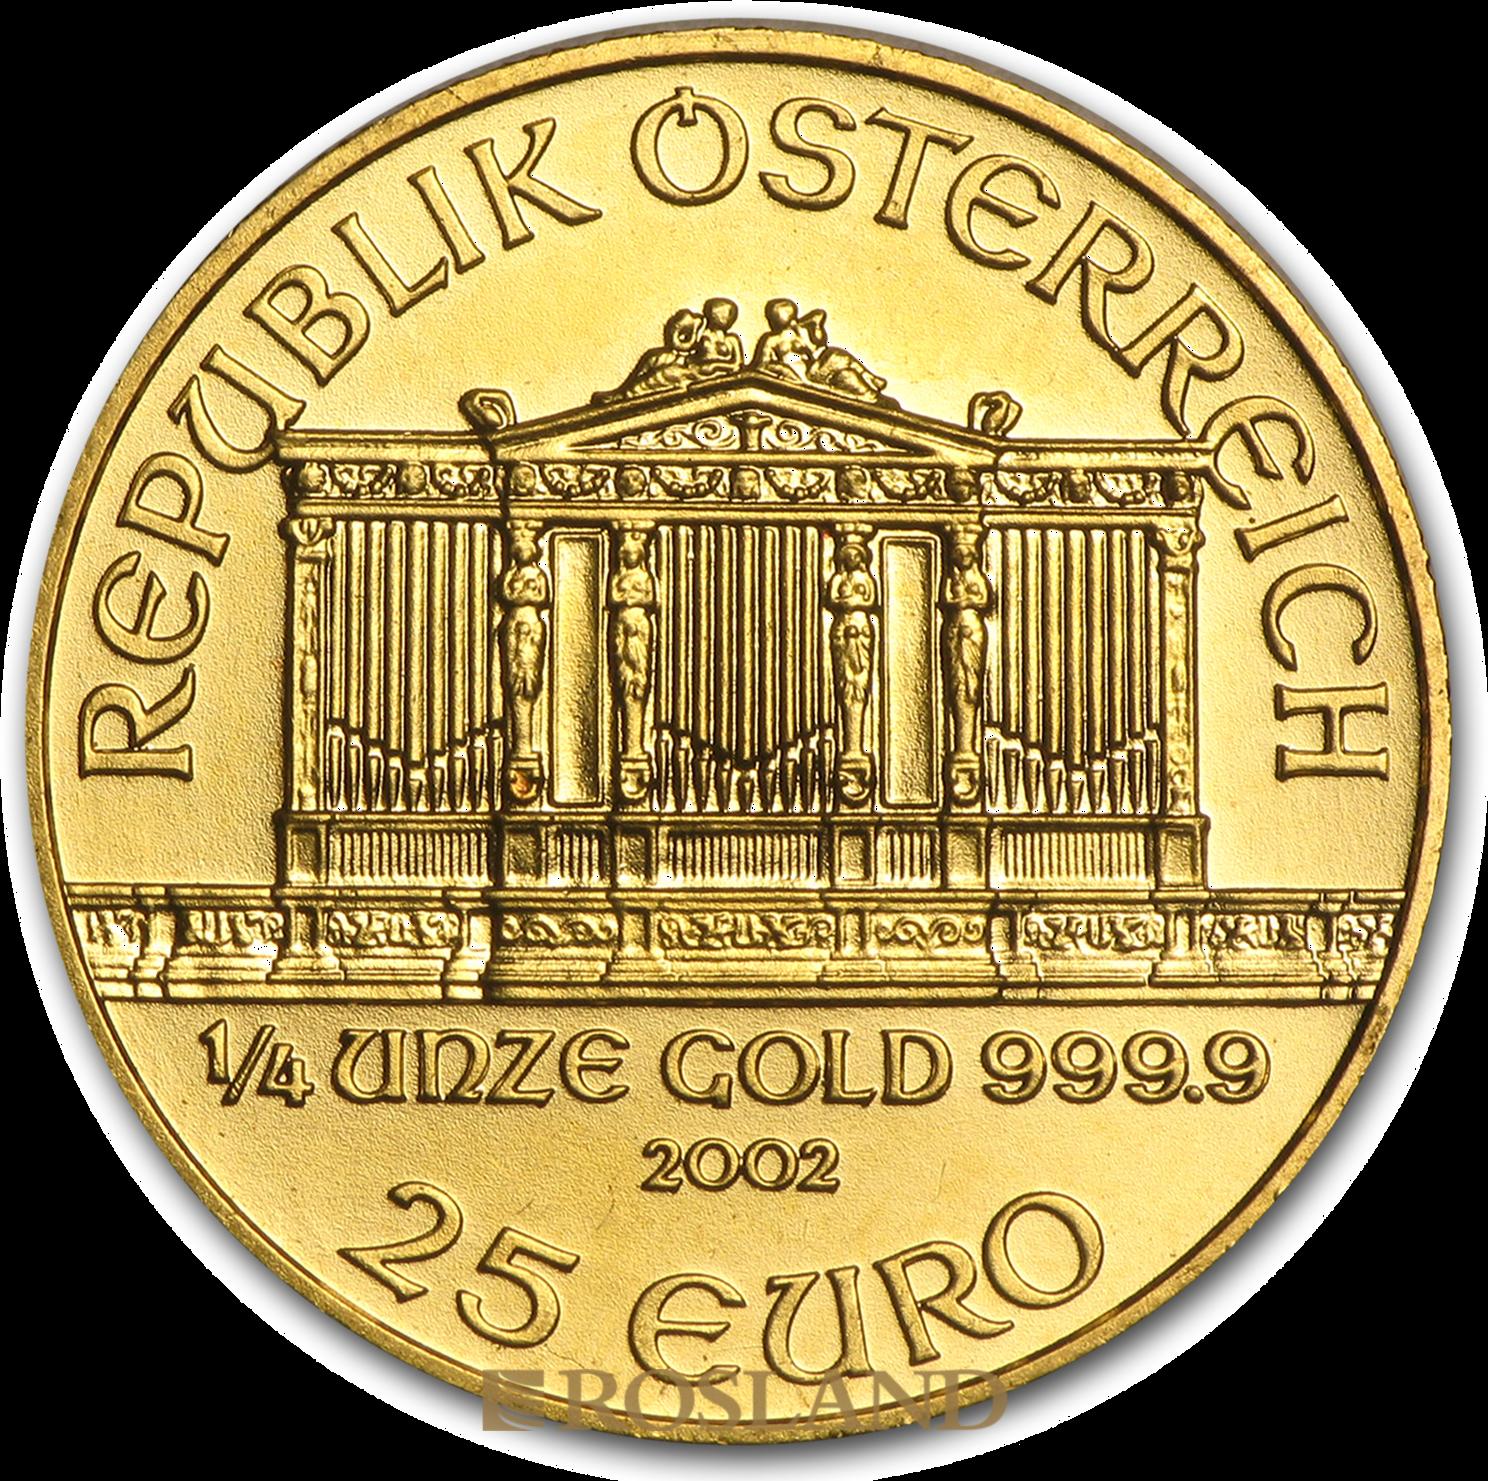 1/4 Unze Goldmünze Wiener Philharmoniker 2002